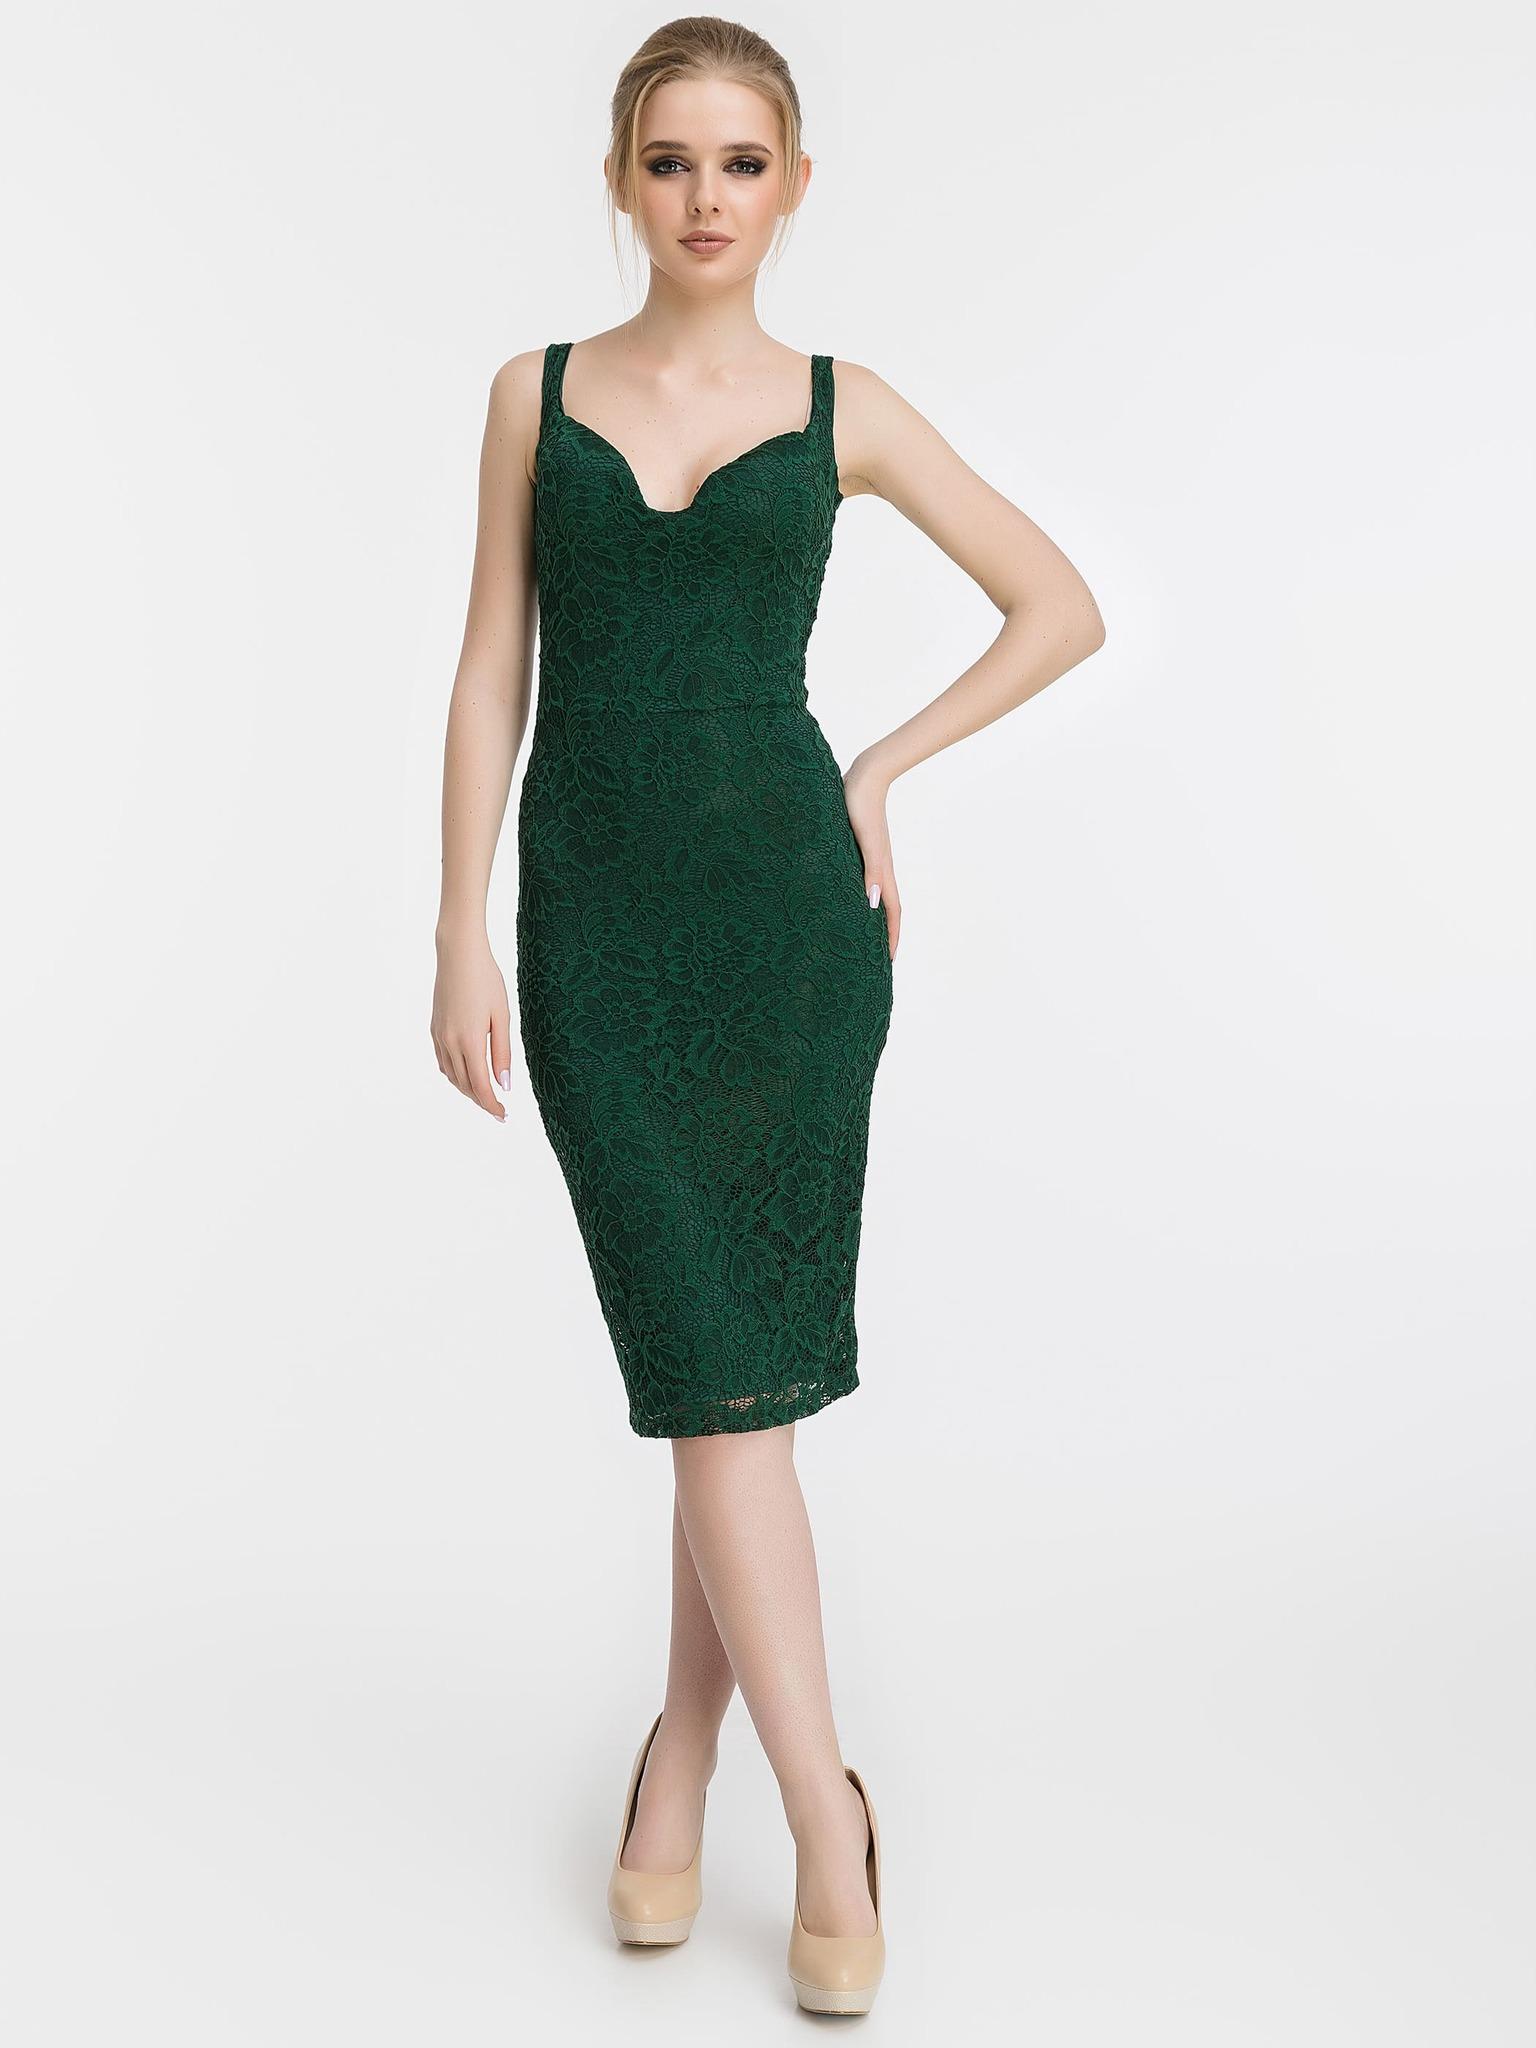 Кружевное платье-футляр на бретелях, изумрудного цвета